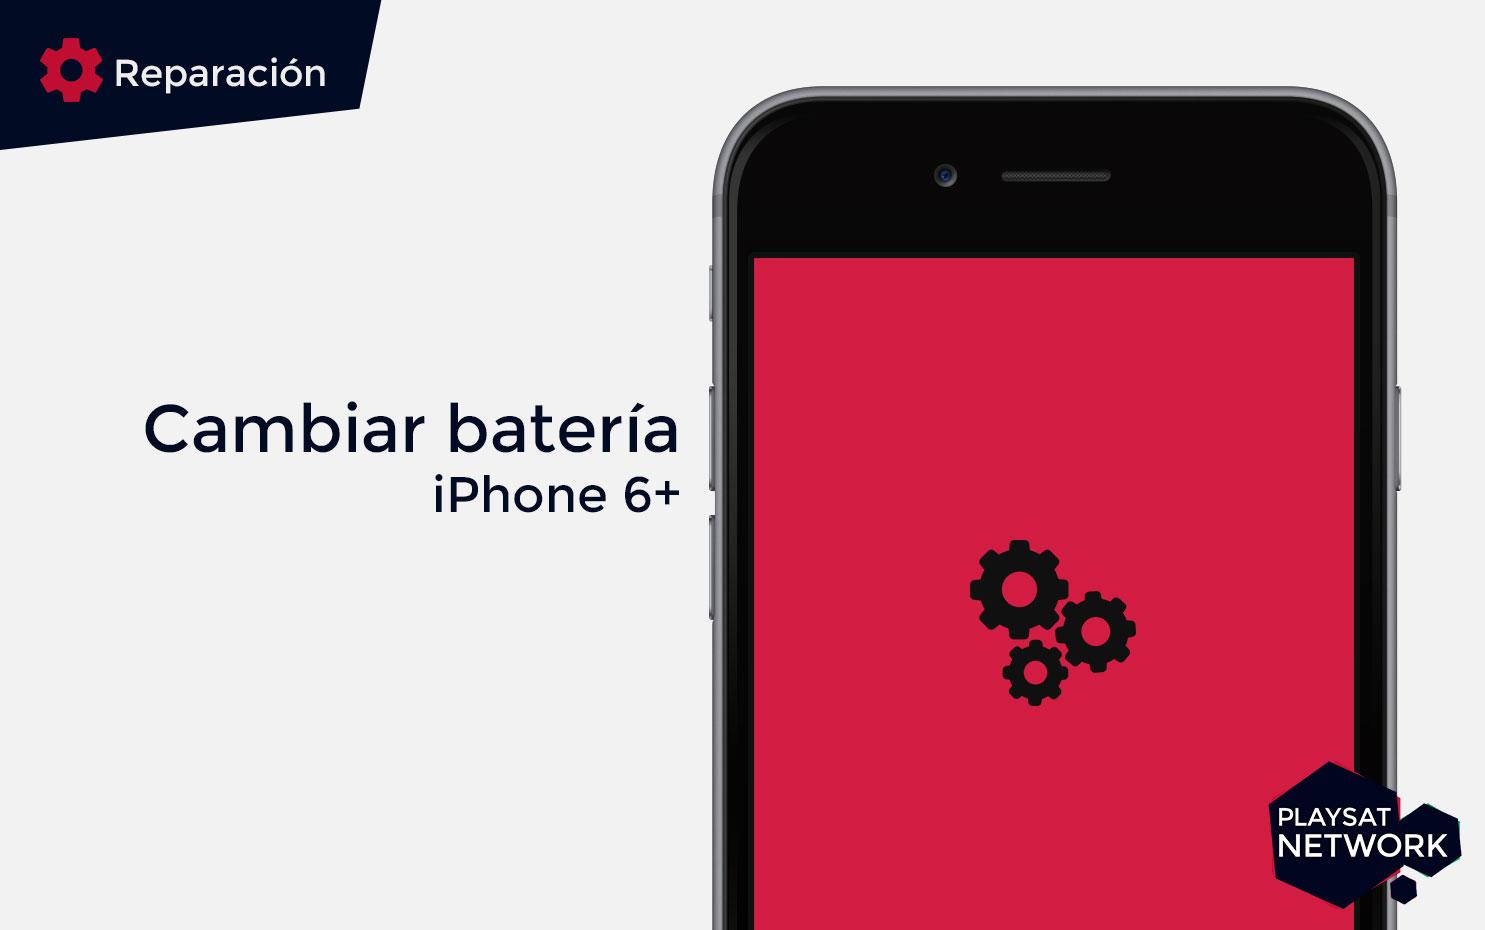 Reparar-batería-iPhone-6-plus